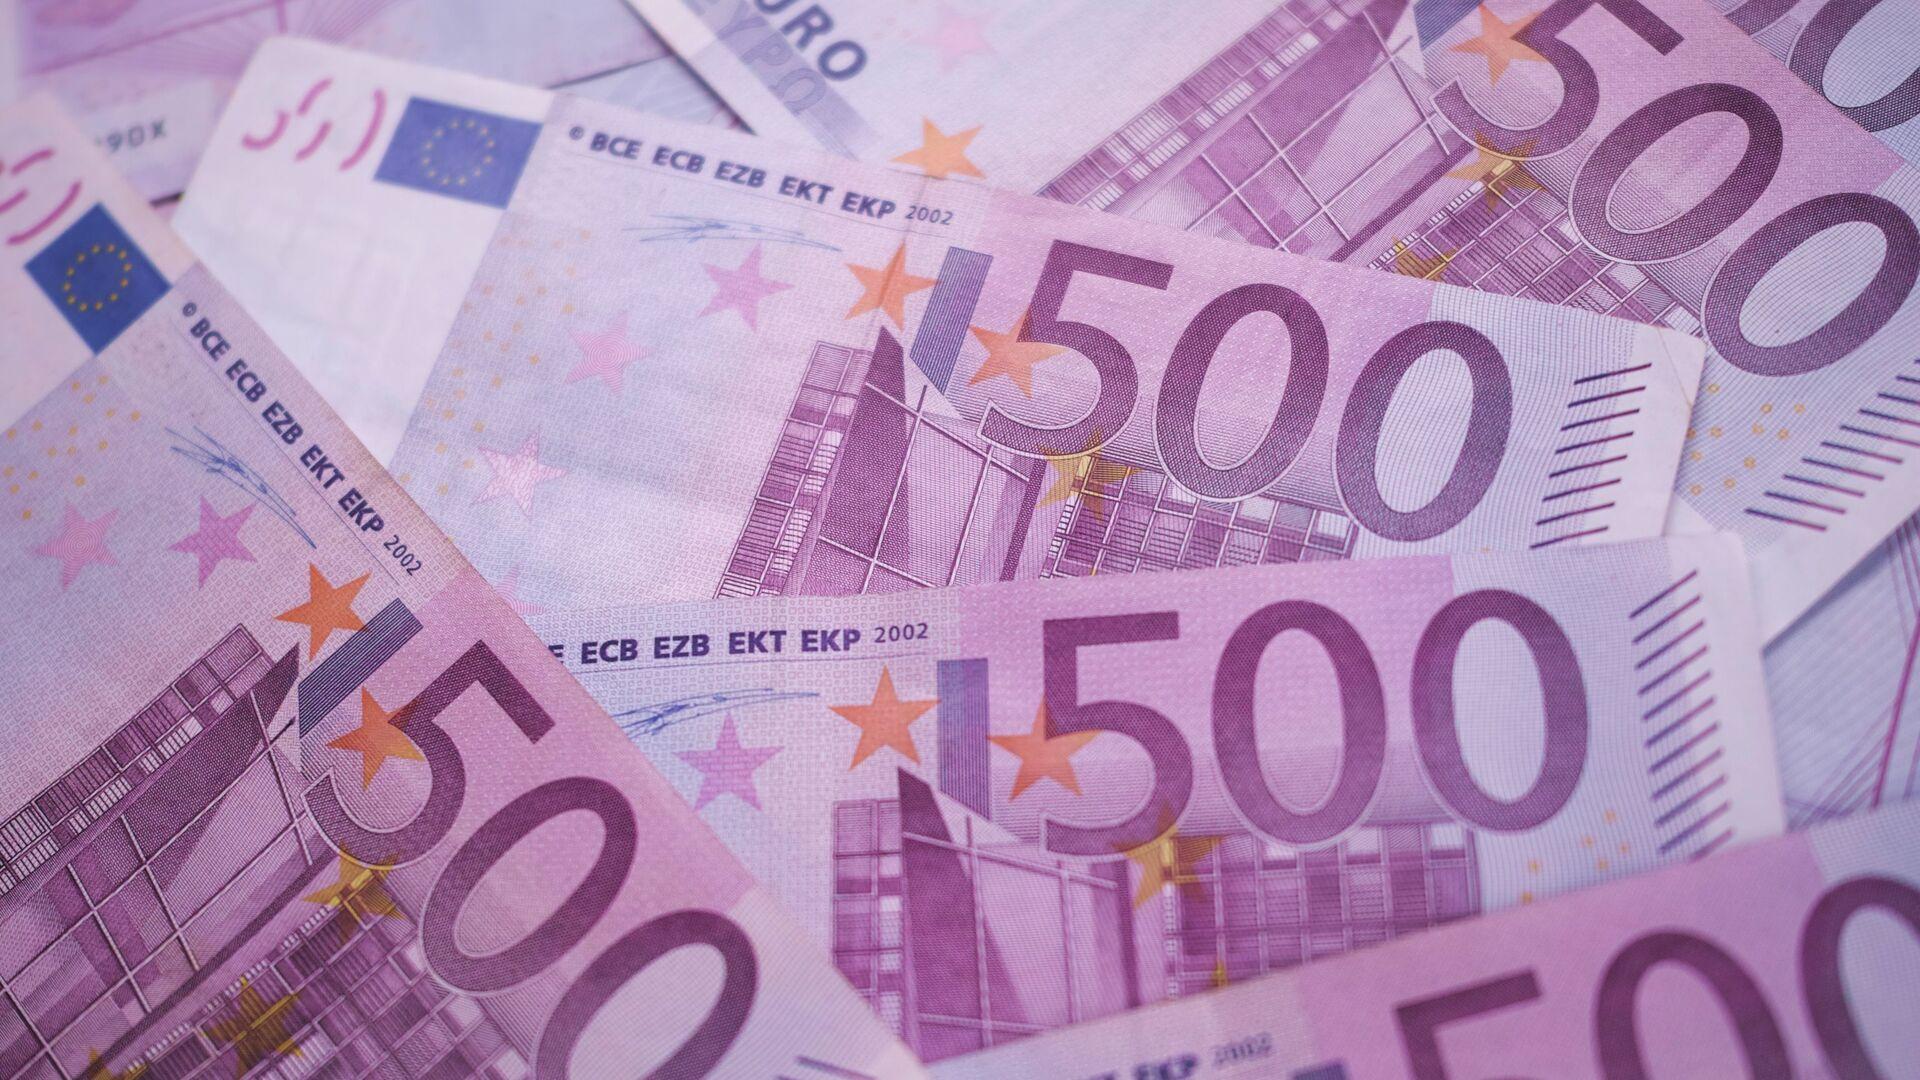 Des billets de 500 euros - Sputnik France, 1920, 18.08.2021